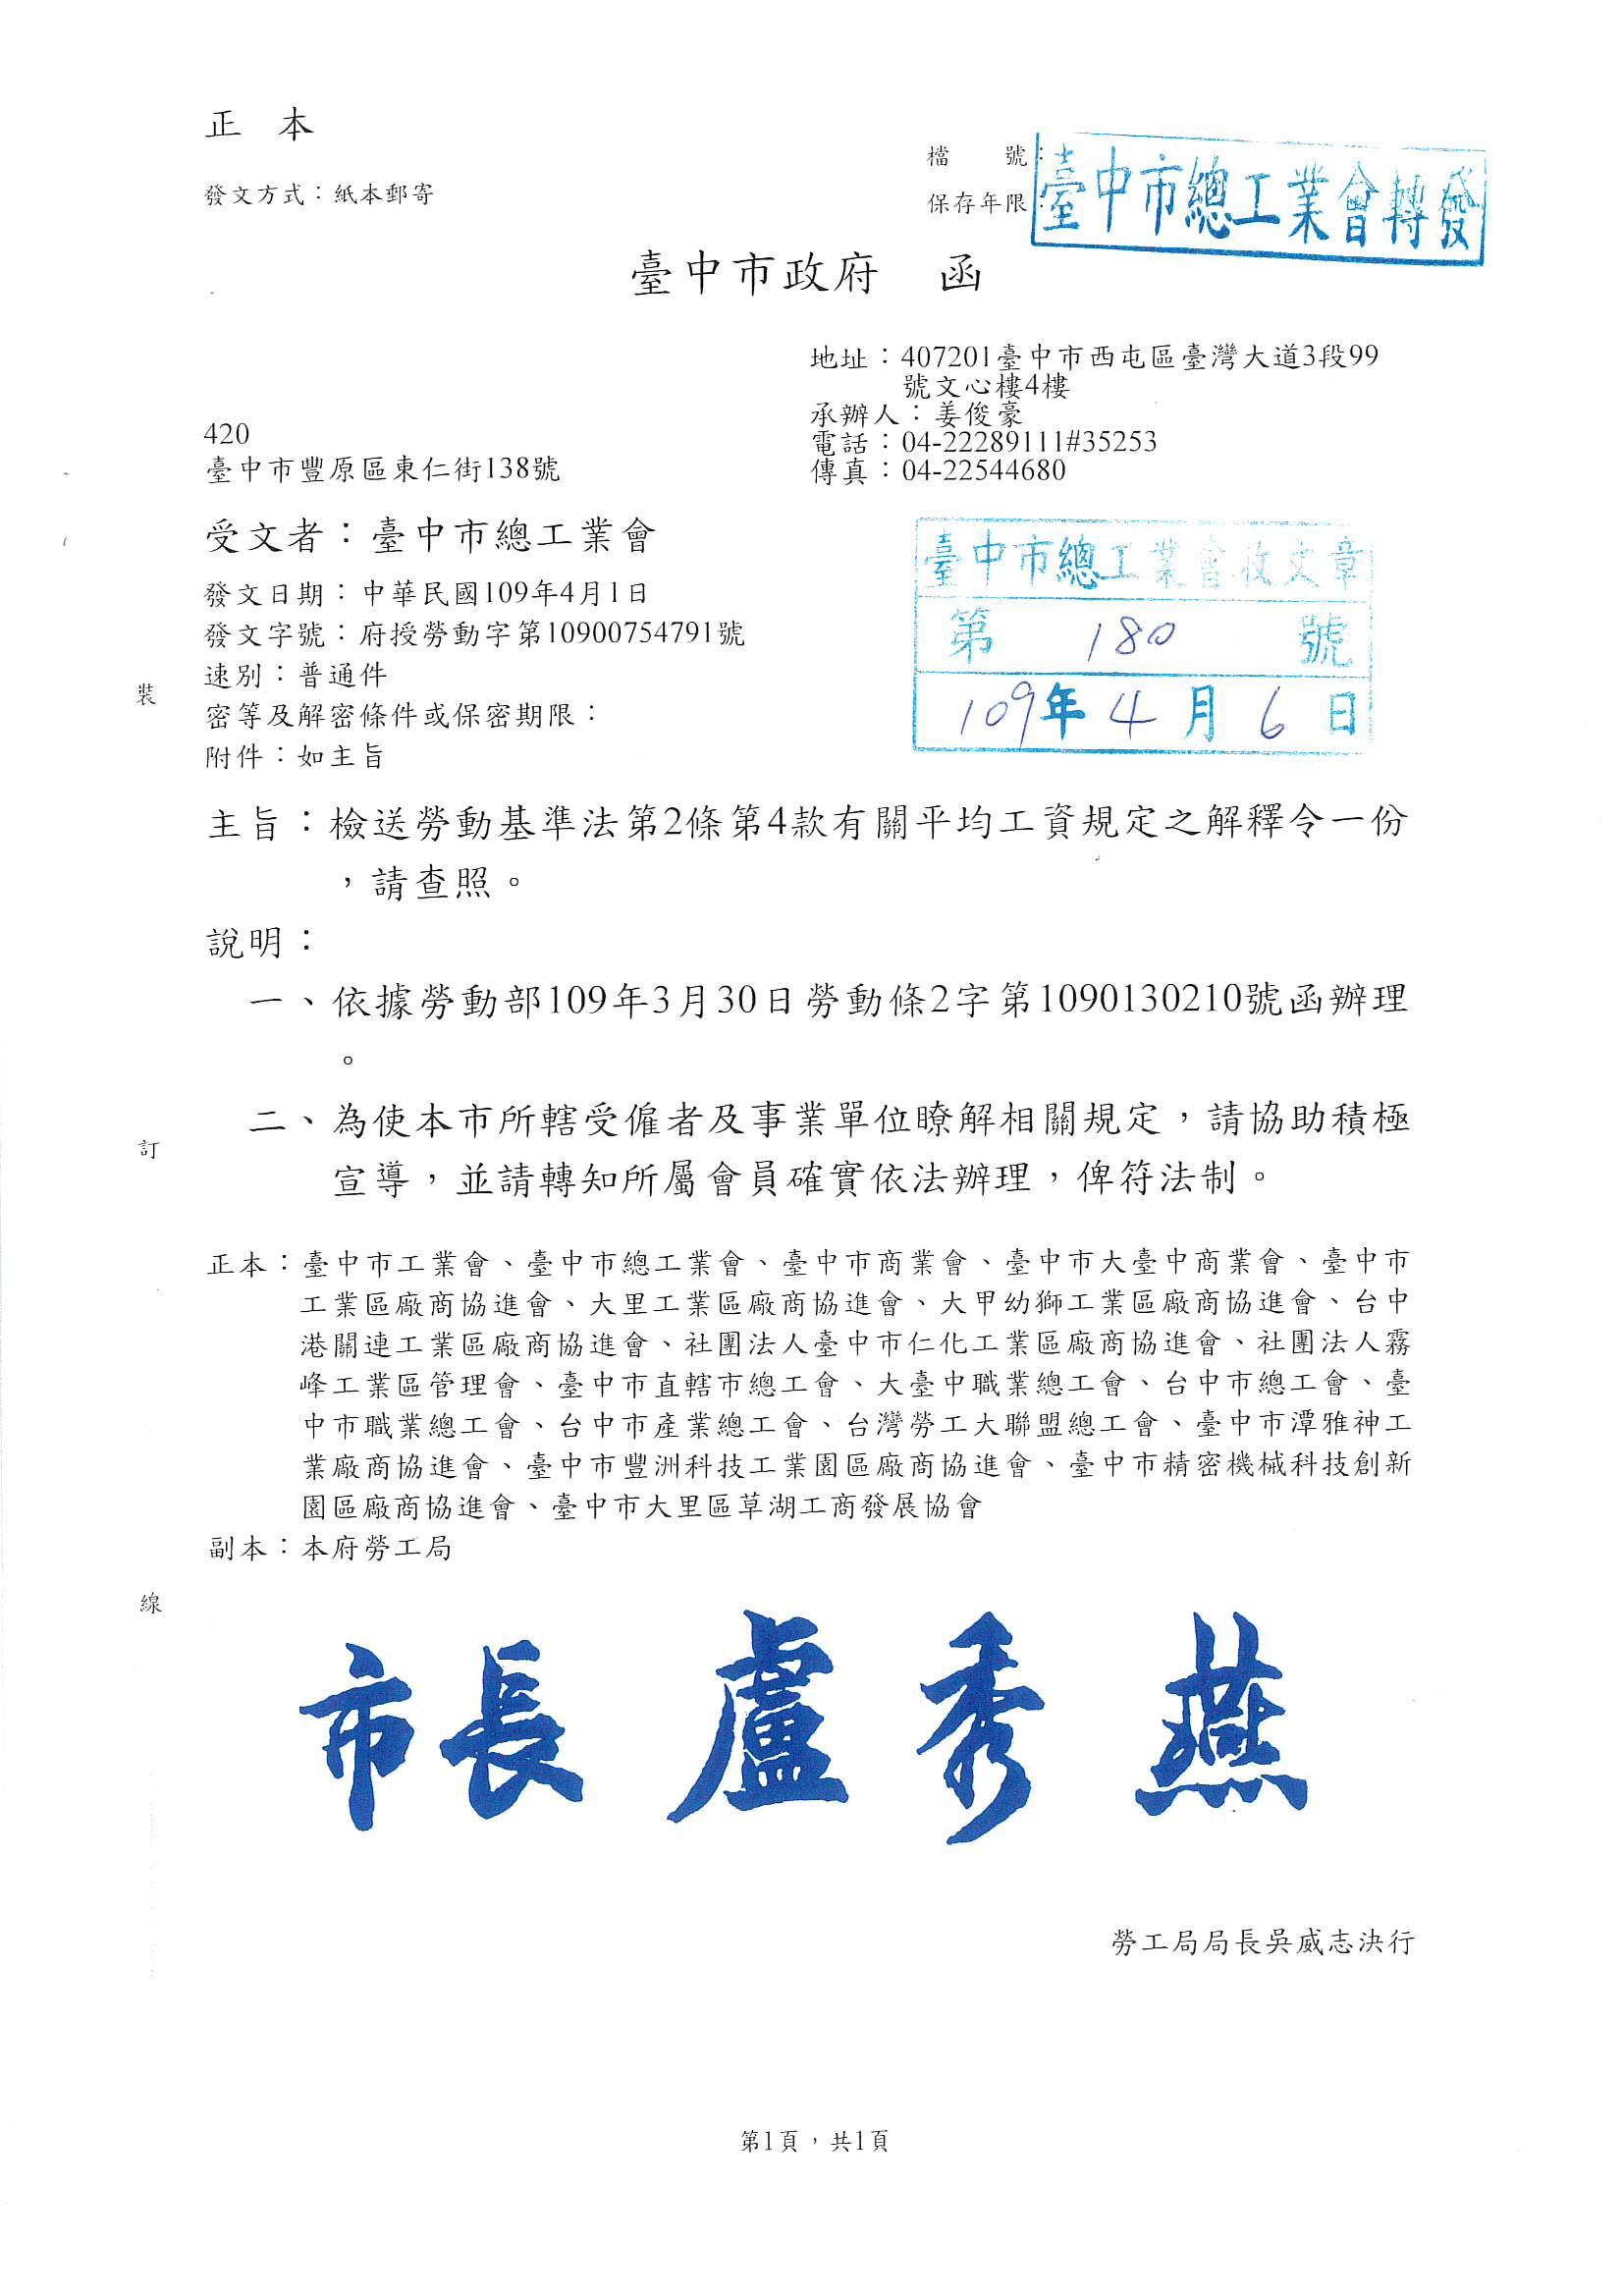 檢送勞動基準法弟2條弟4款有關平均工資規定之解釋令一份,請查照。